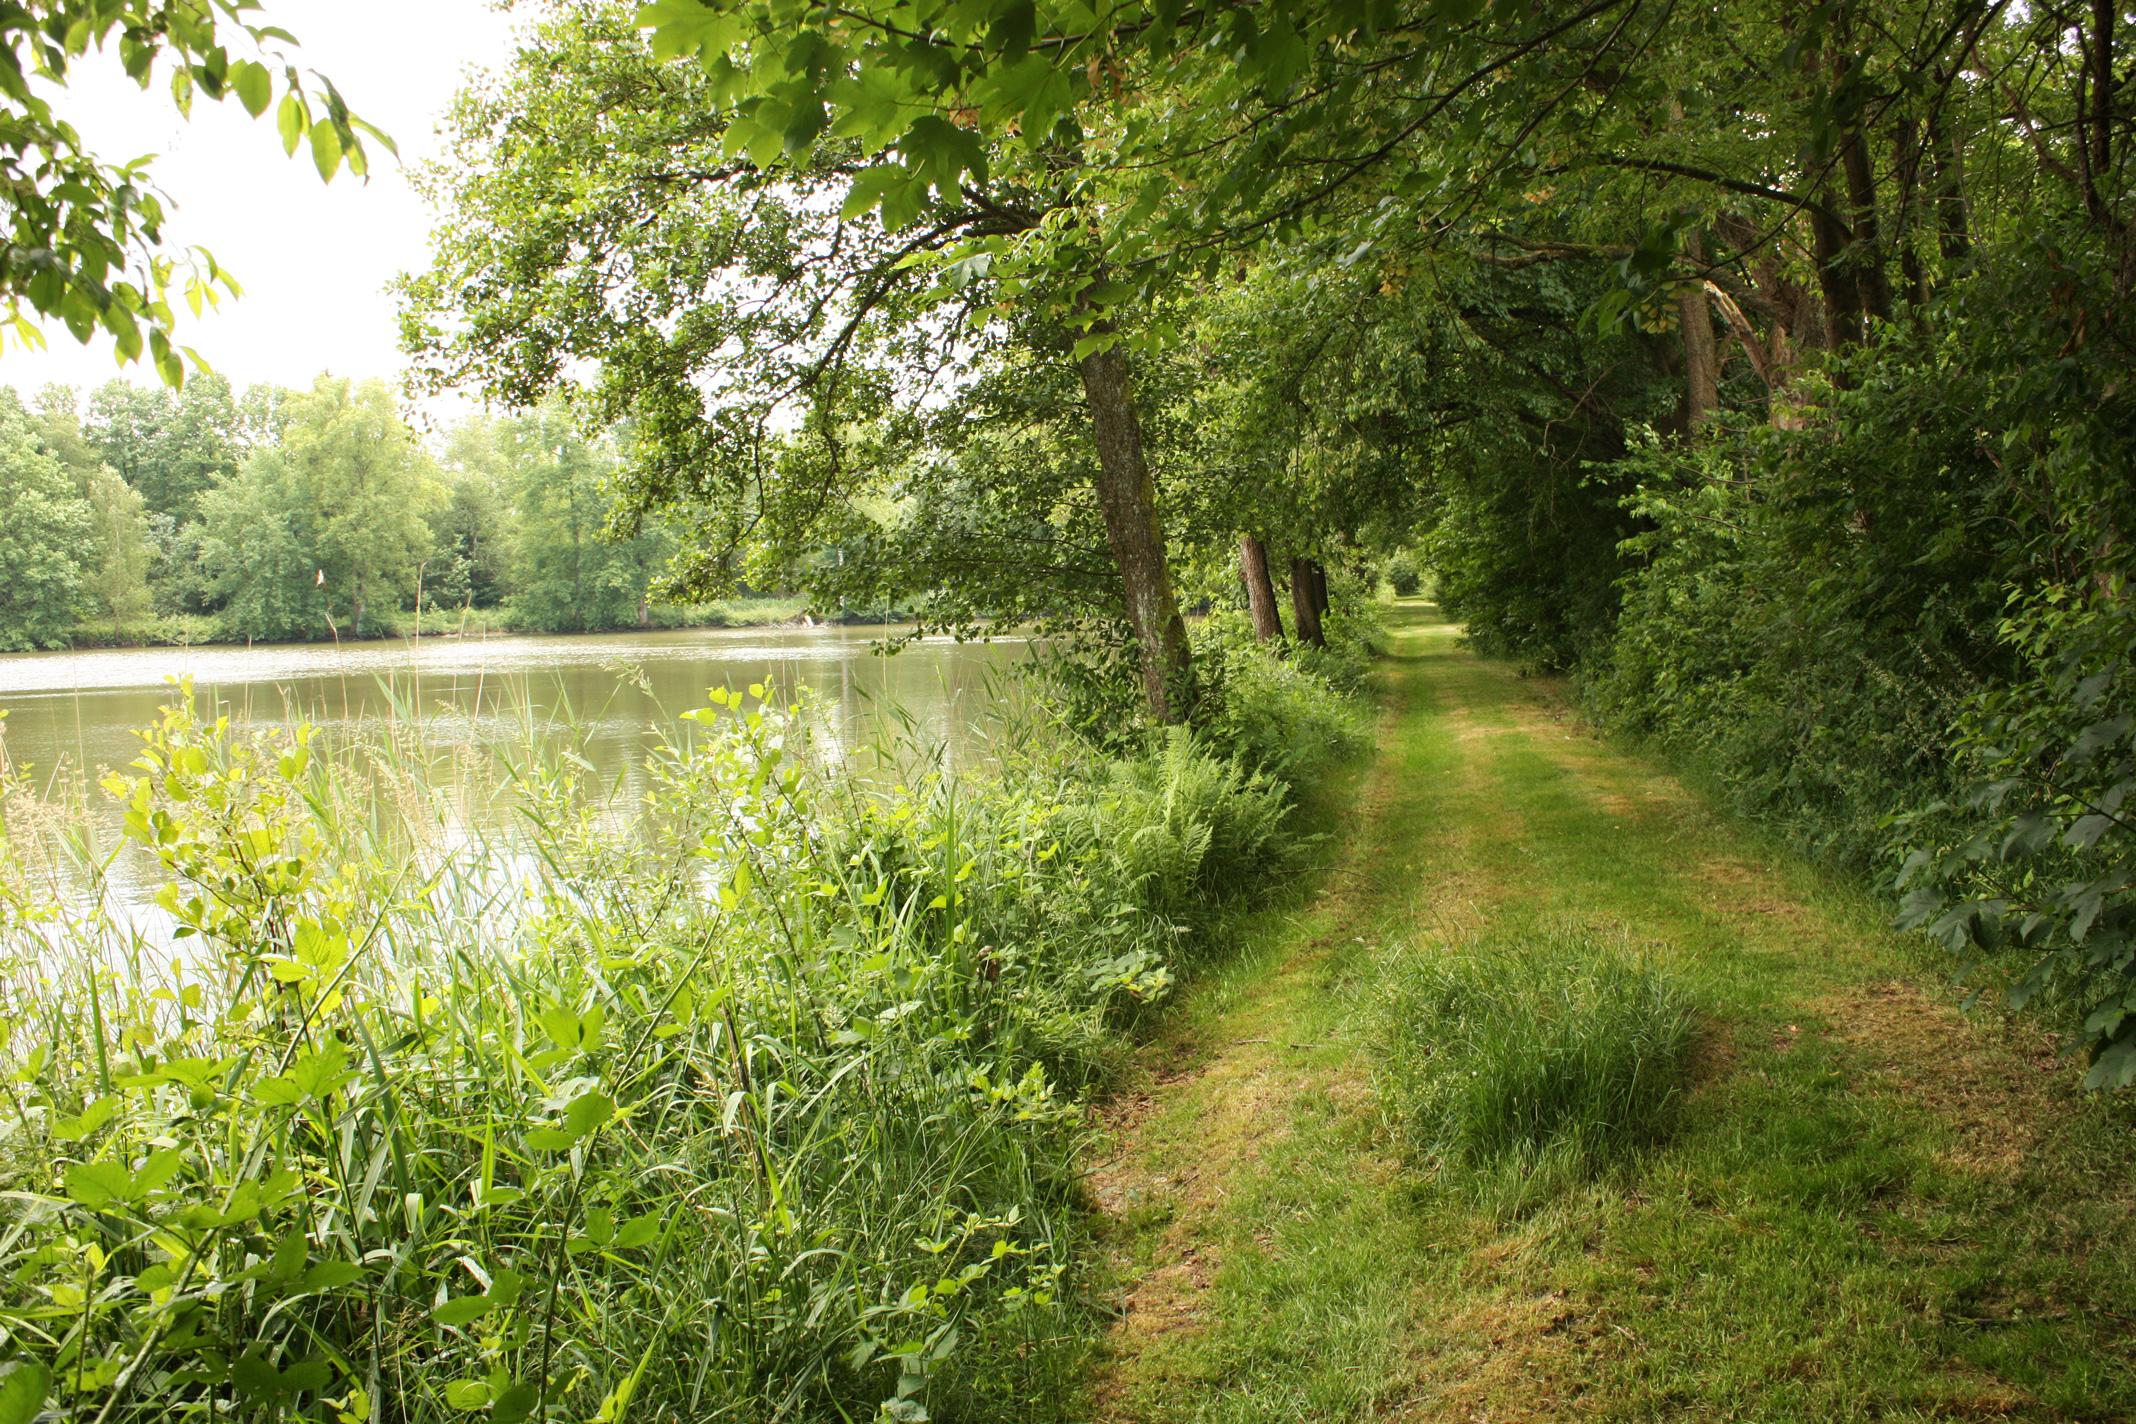 La Cabane Sur L Eau Maison Et Cabane D H Tes Sur Un Lac En Ardennes # Maison Bois Bord De L Eau